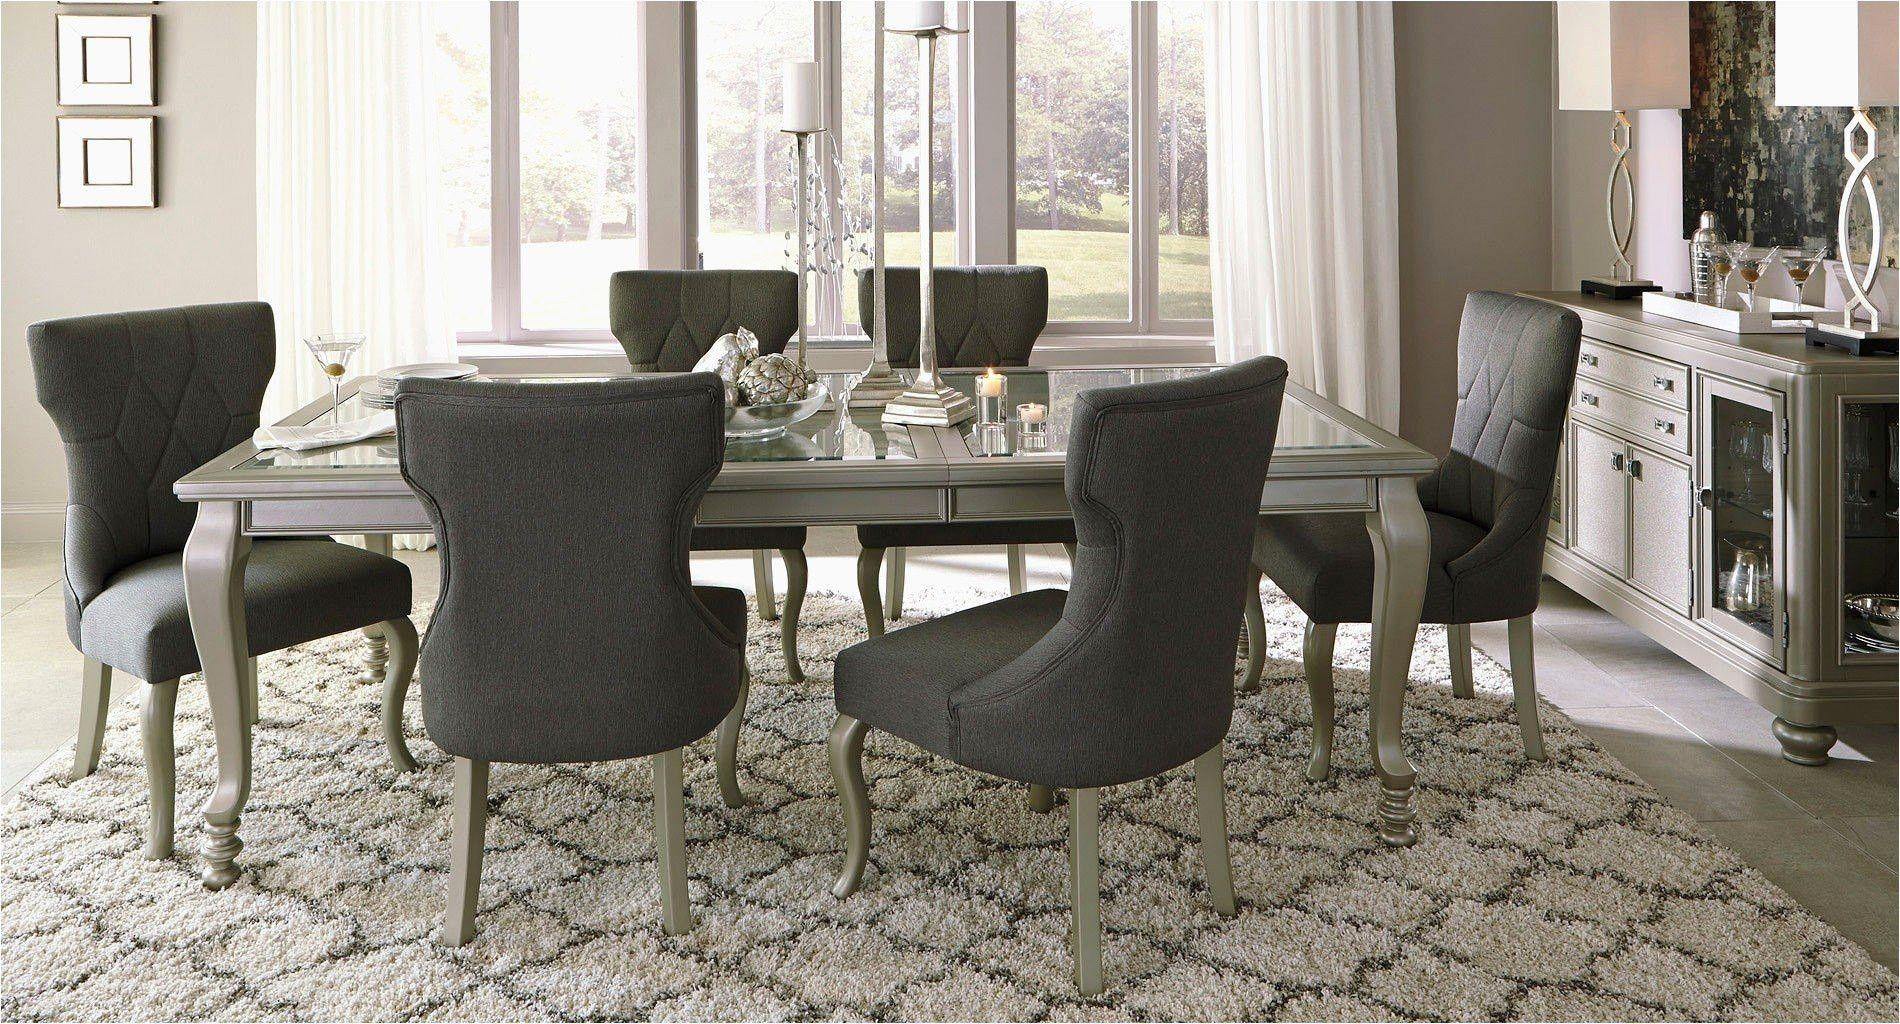 Dream Dining Room Inspiration  June, 2018